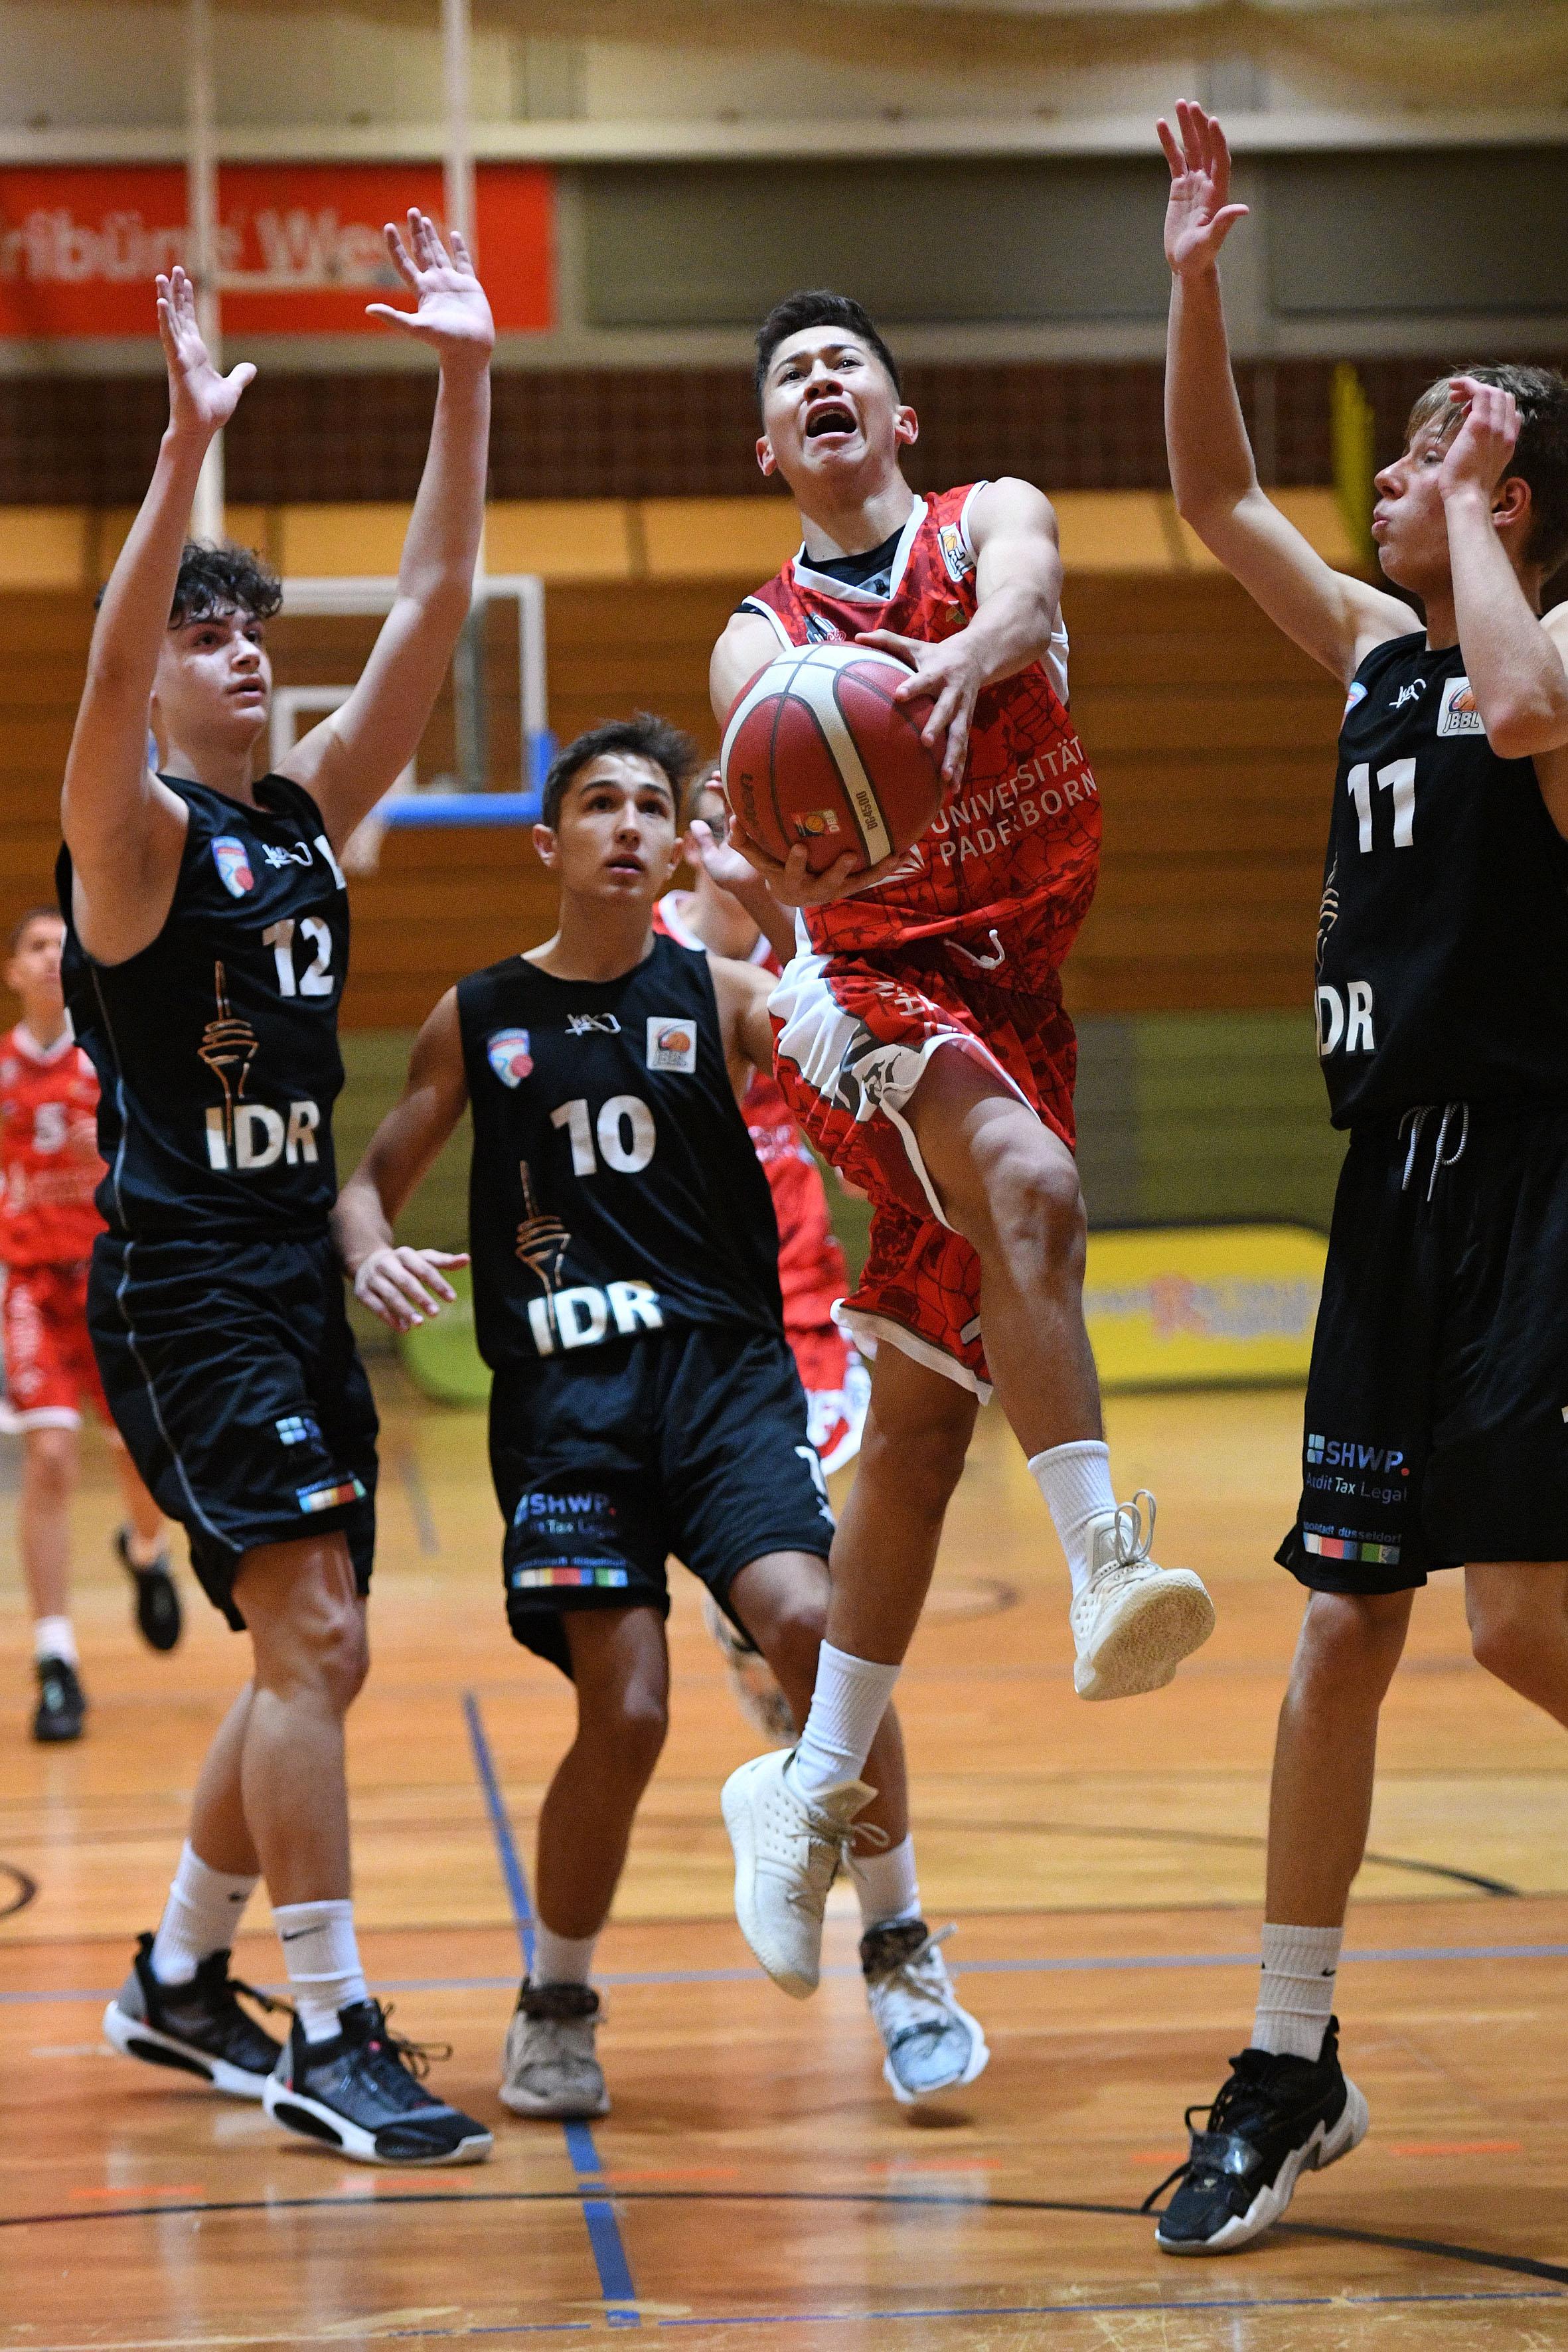 2020-10-11-JBBL-Uni-Baskets-Paderborn-ART-Giants-Duesseldorf_7407